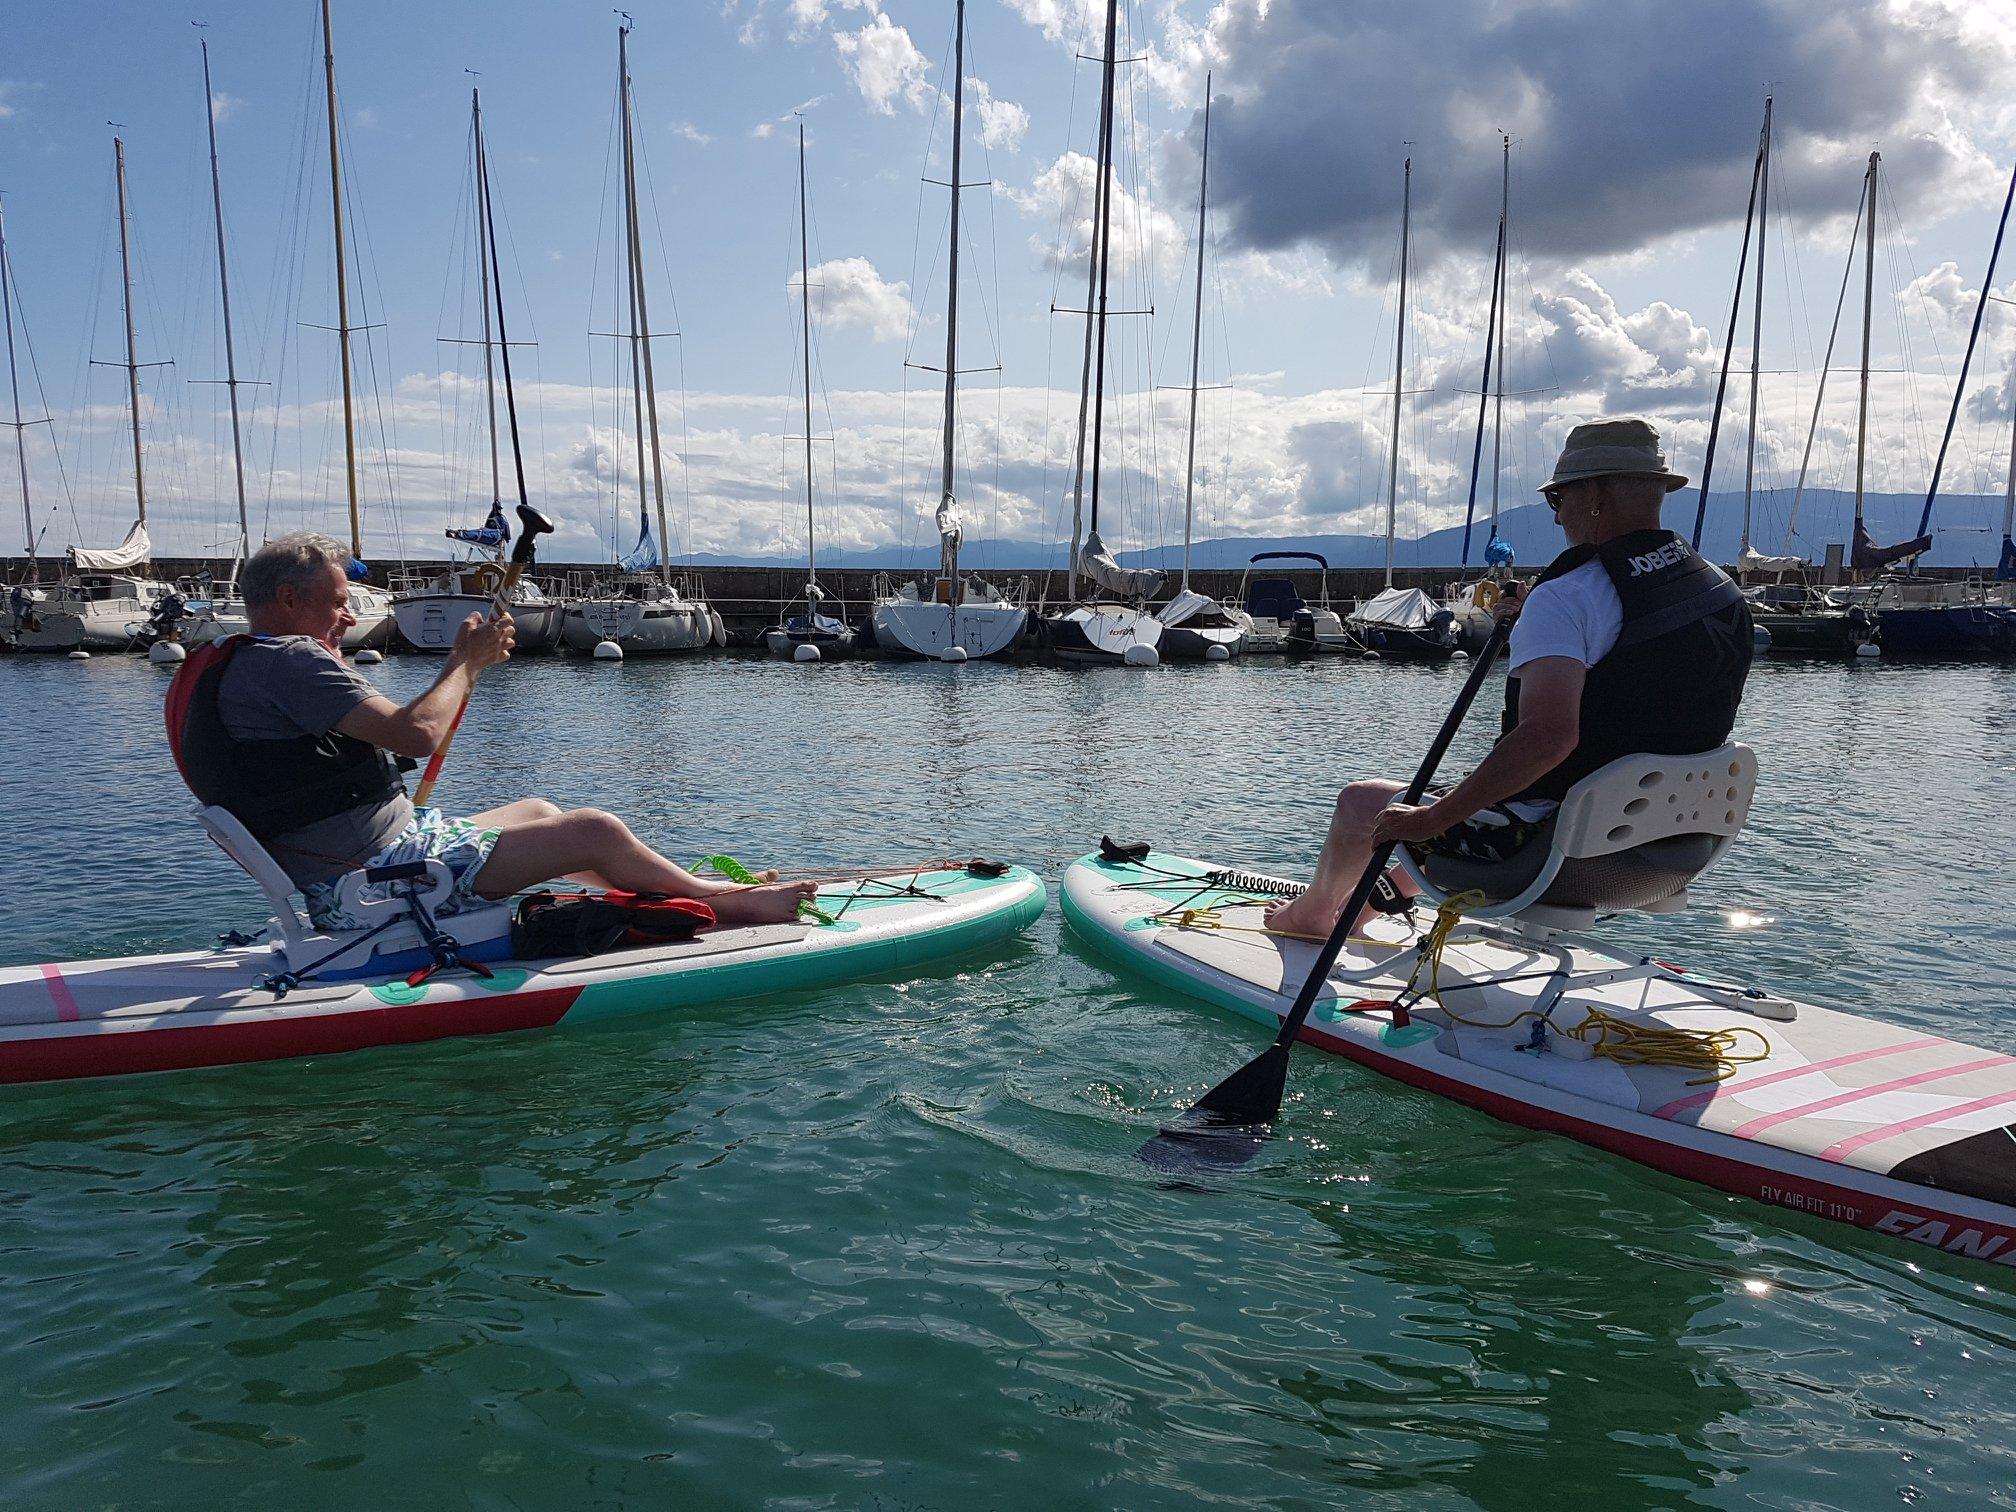 Zwei Menschen mit eingeschränkter Mobilität sitzen auf Brettern und segeln auf einem See